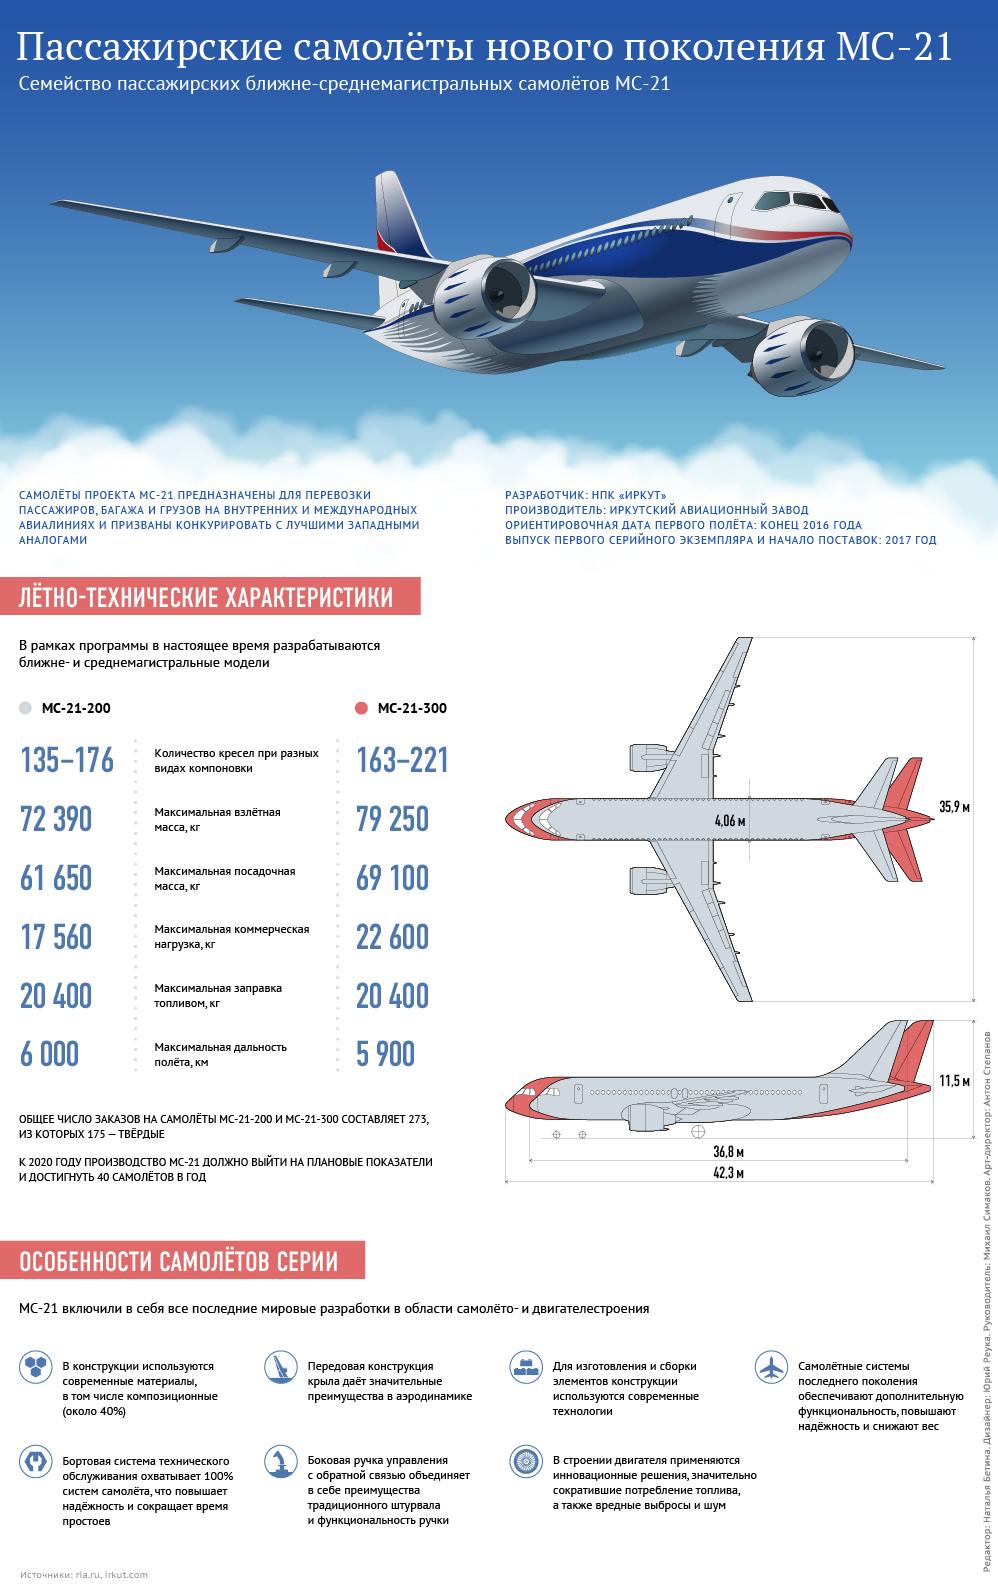 Пассажирские самолёты нового поколения МС-21